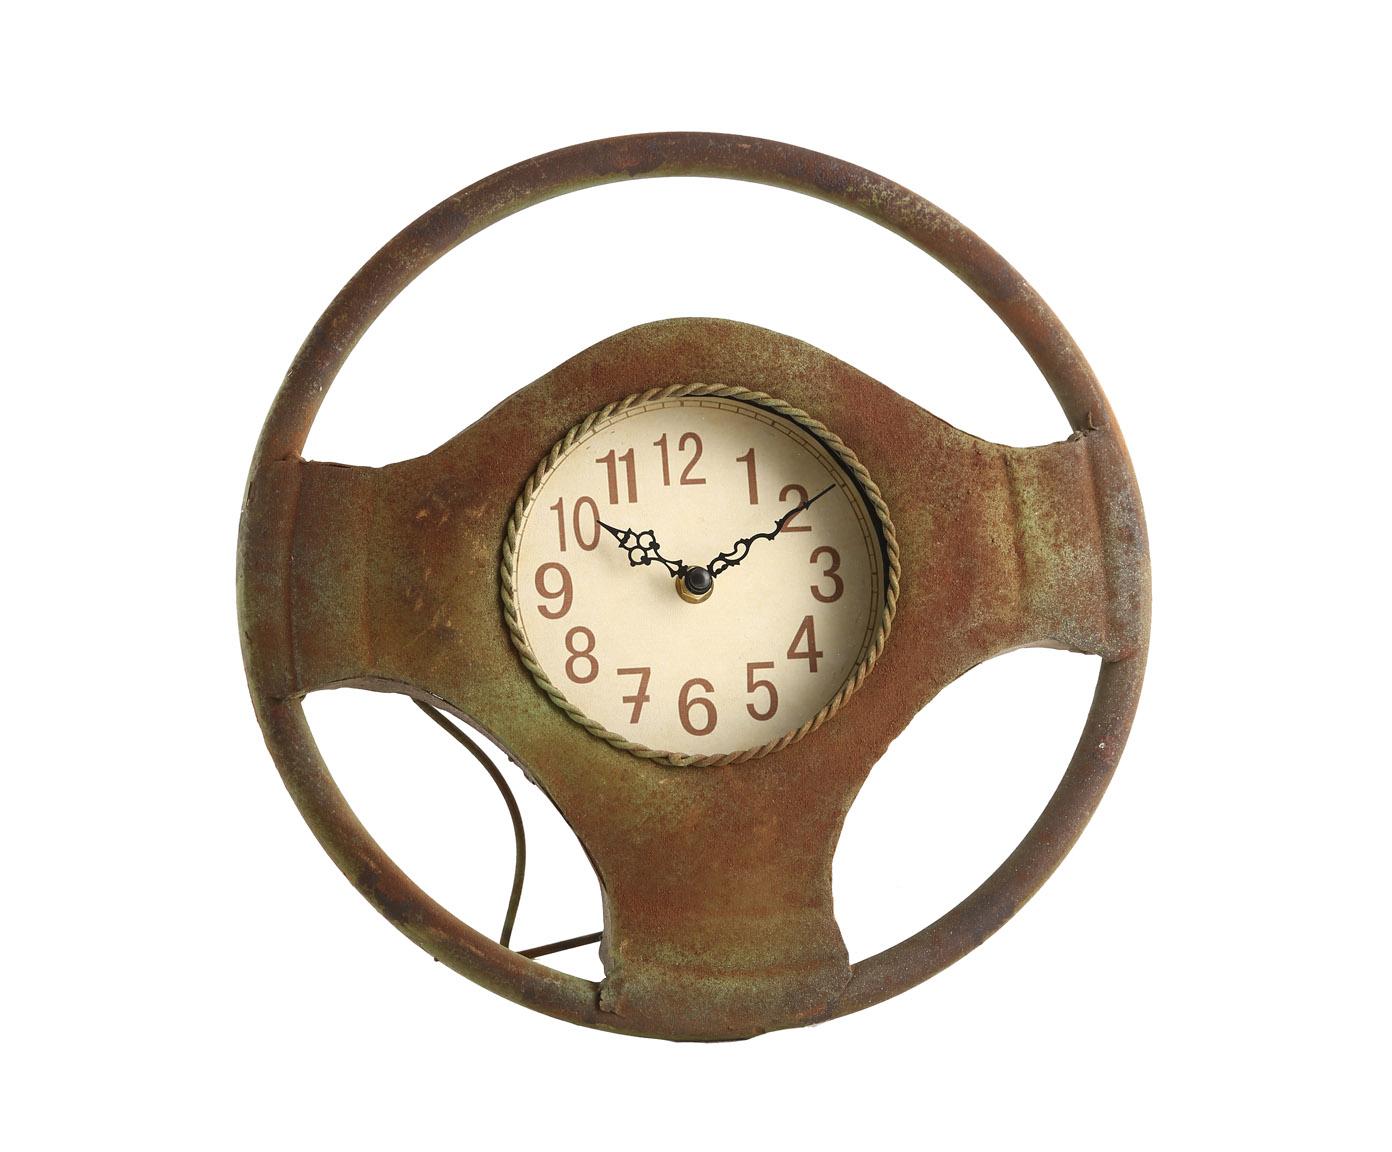 Часы настольныеНастольные часы<br>&amp;lt;span style=&amp;quot;line-height: 24.9999px;&amp;quot;&amp;gt;Кварцевый механизм, работают от батарейки типа АА.&amp;lt;/span&amp;gt;<br><br>Material: Металл<br>Width см: 32<br>Depth см: 5<br>Height см: 34